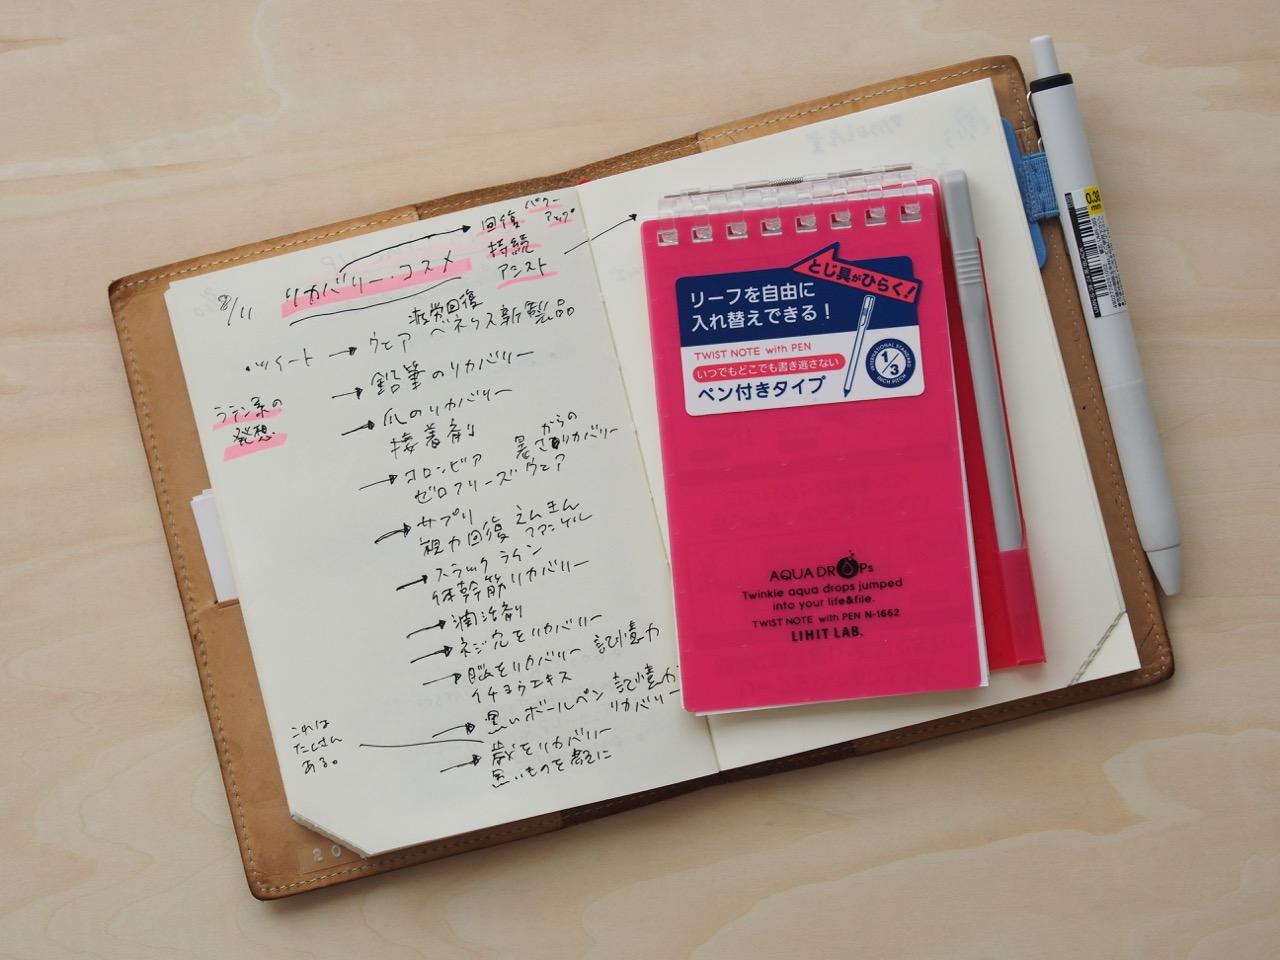 ペンが付属した小さなメモ帳